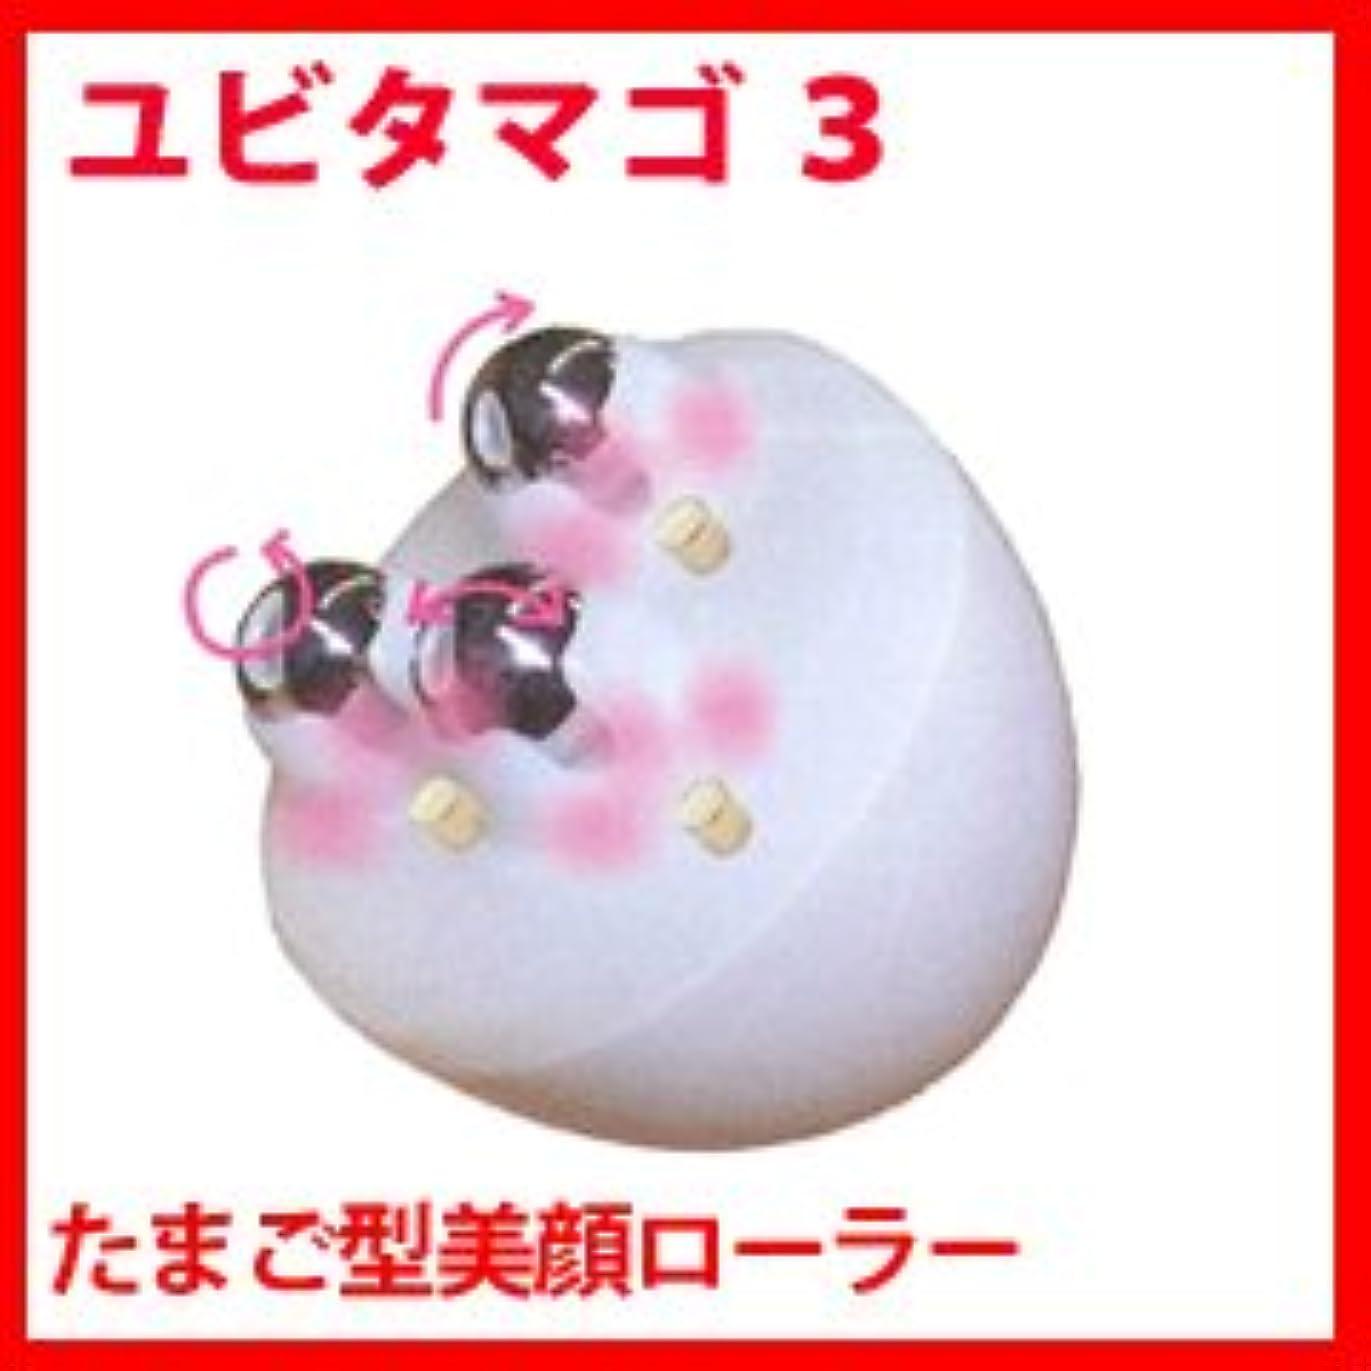 受けるまた軍隊ユビタマゴ3 卵型美顔器 ゆびたまご3 美顔ローラー ホワイト